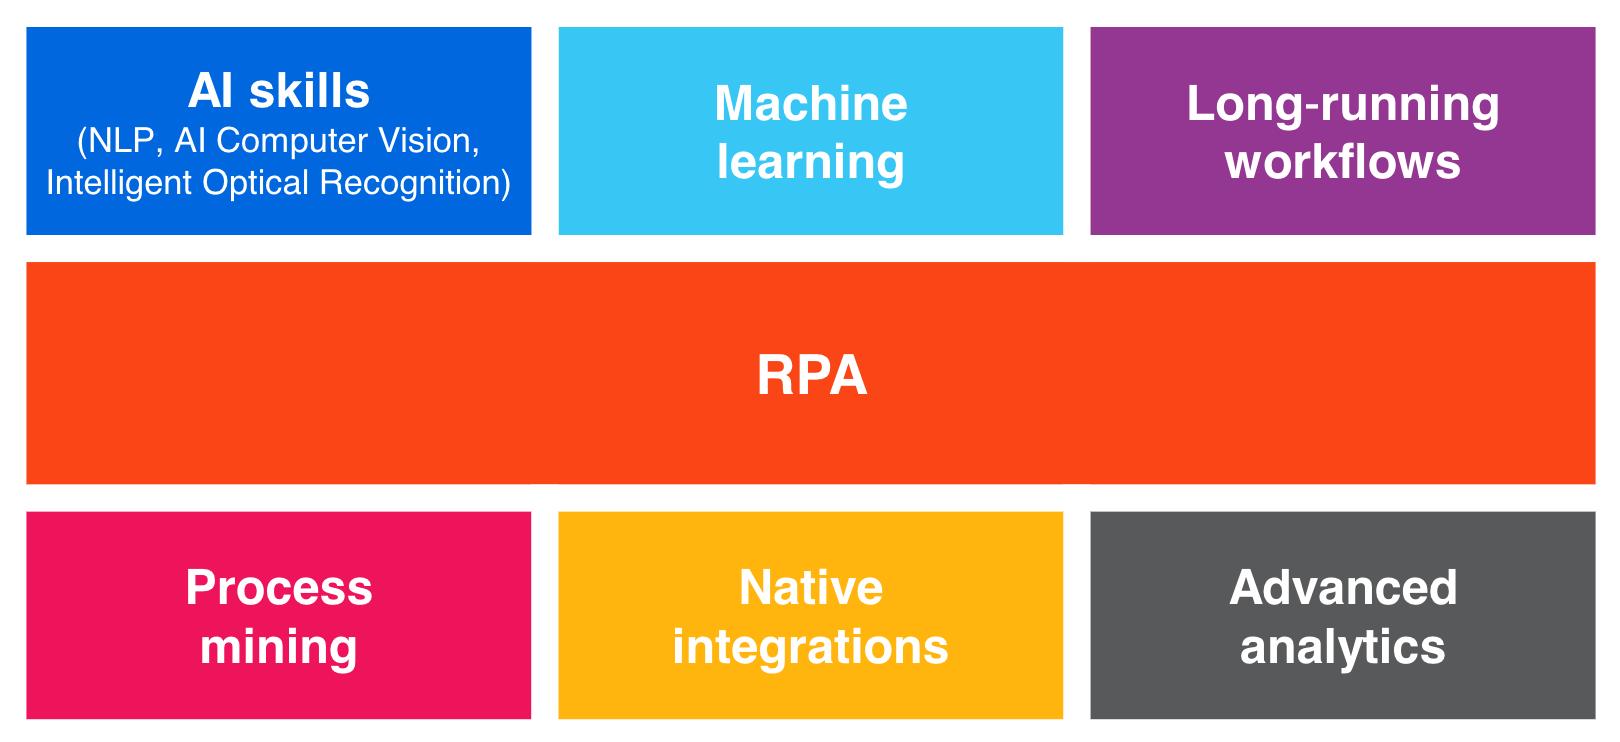 hyperautomation uipath platform